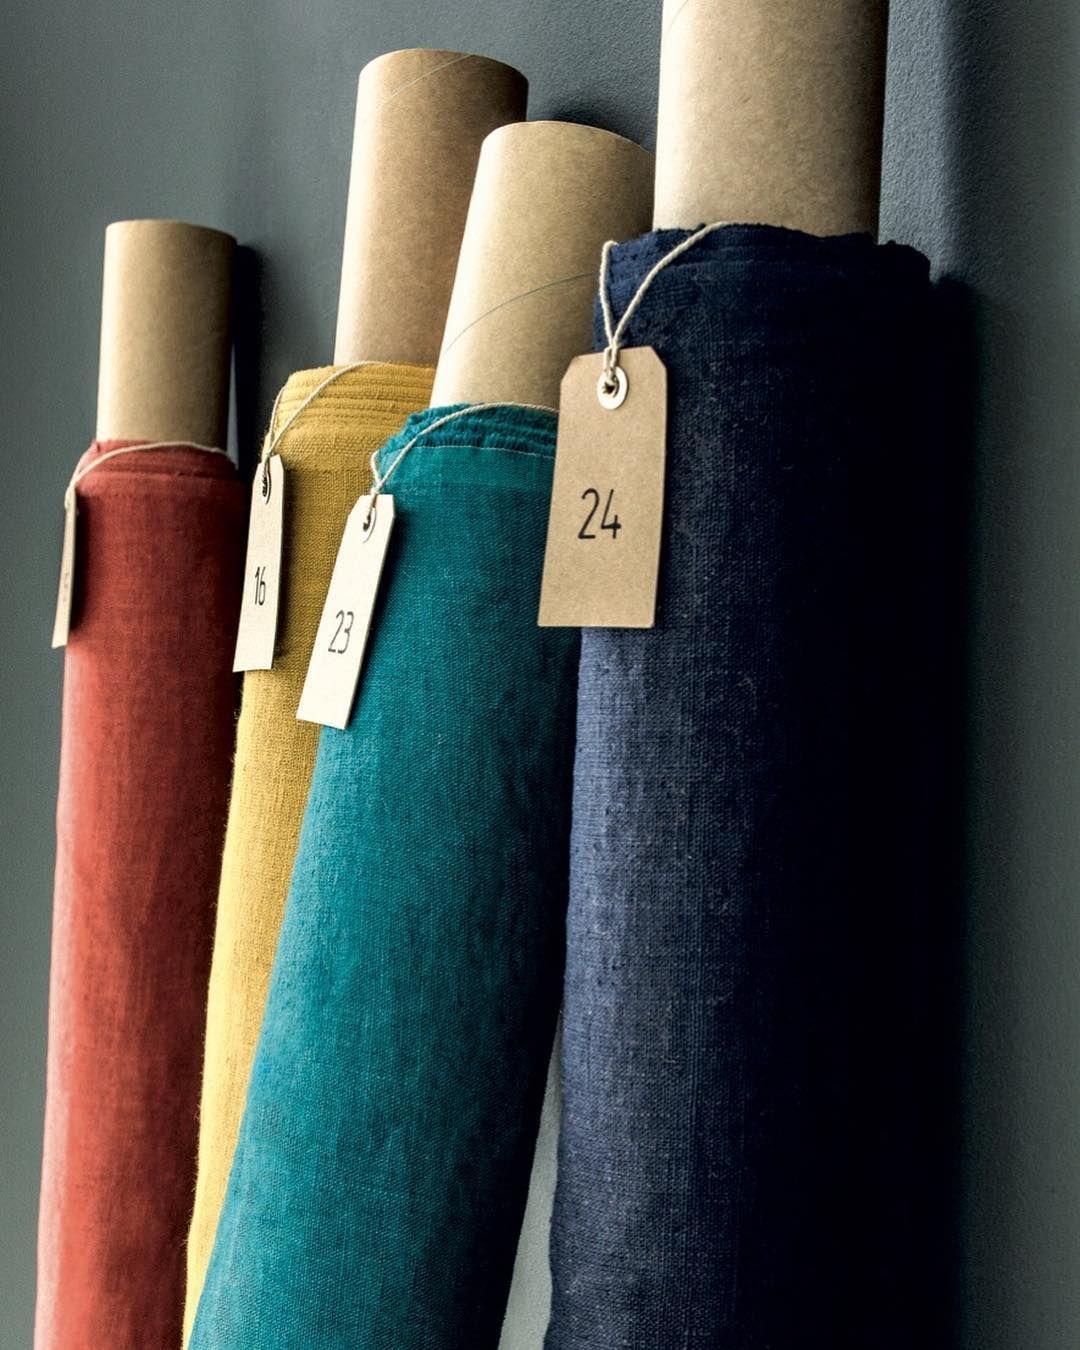 Harmony Textile On Instagram Zoom Sur Nos Rouleaux De Tissus Propriano Createurdinterieurs Harmonytextil En 2020 Tablier Japonais Coudre Des Tabliers Tablier